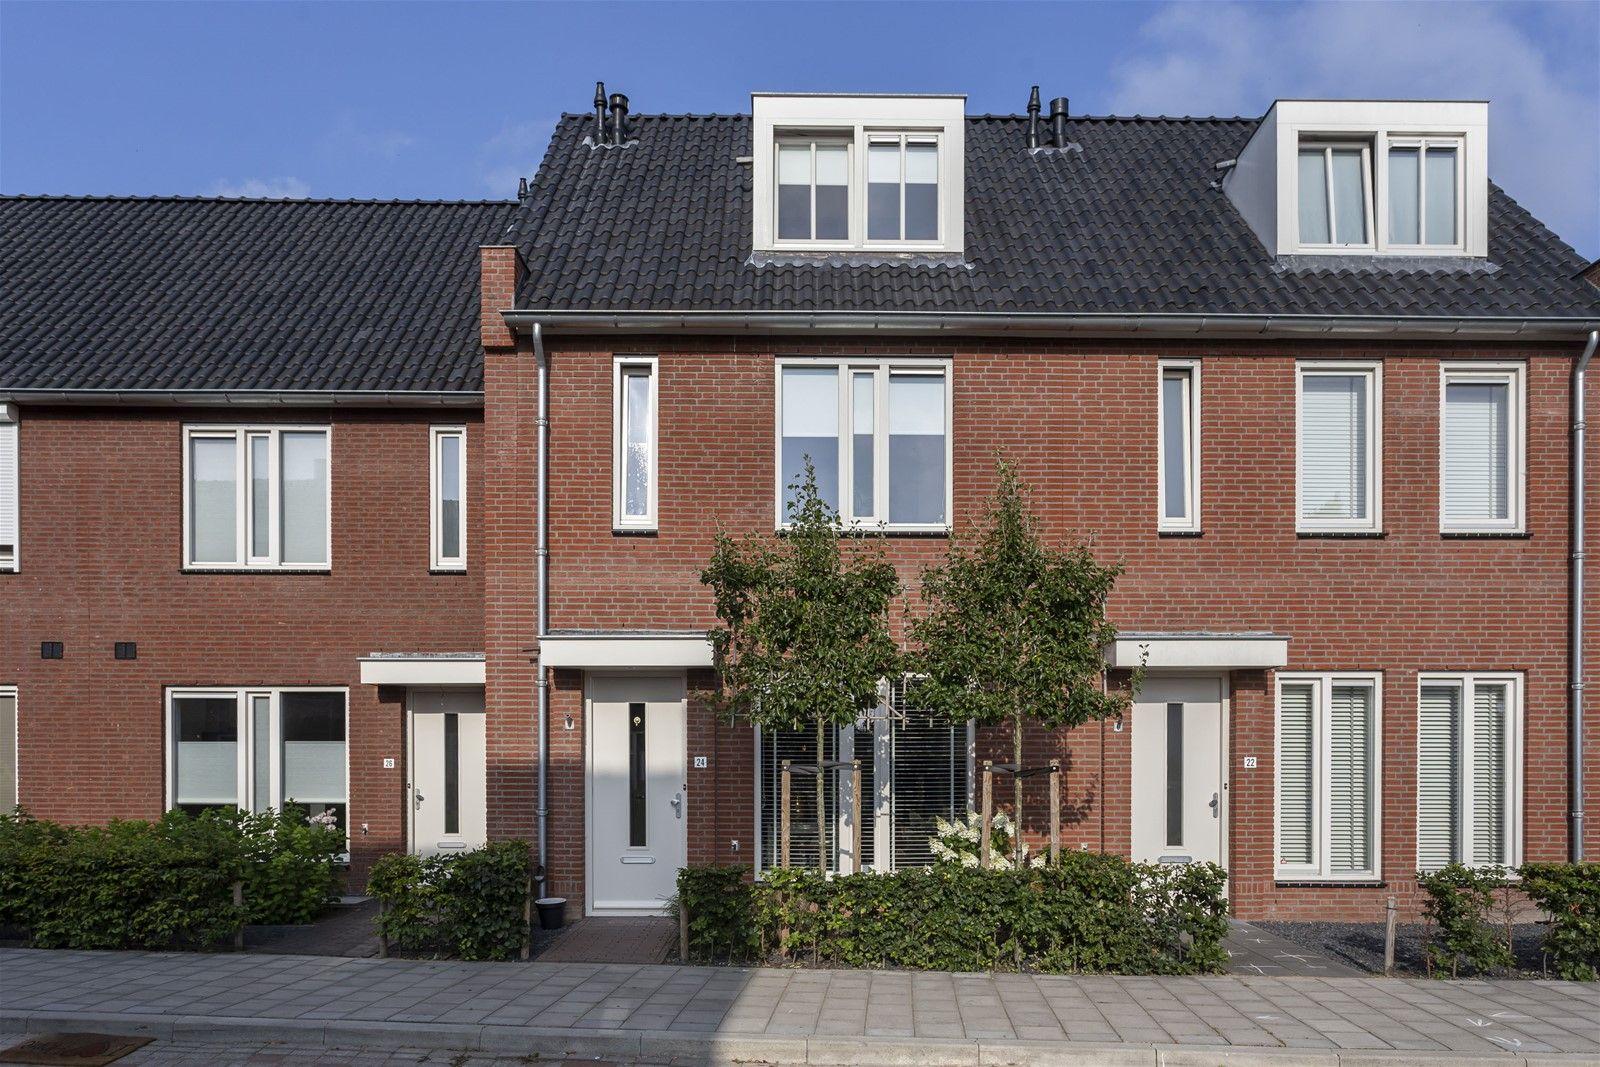 Herman de Ruijterstraat 24, Poederoijen